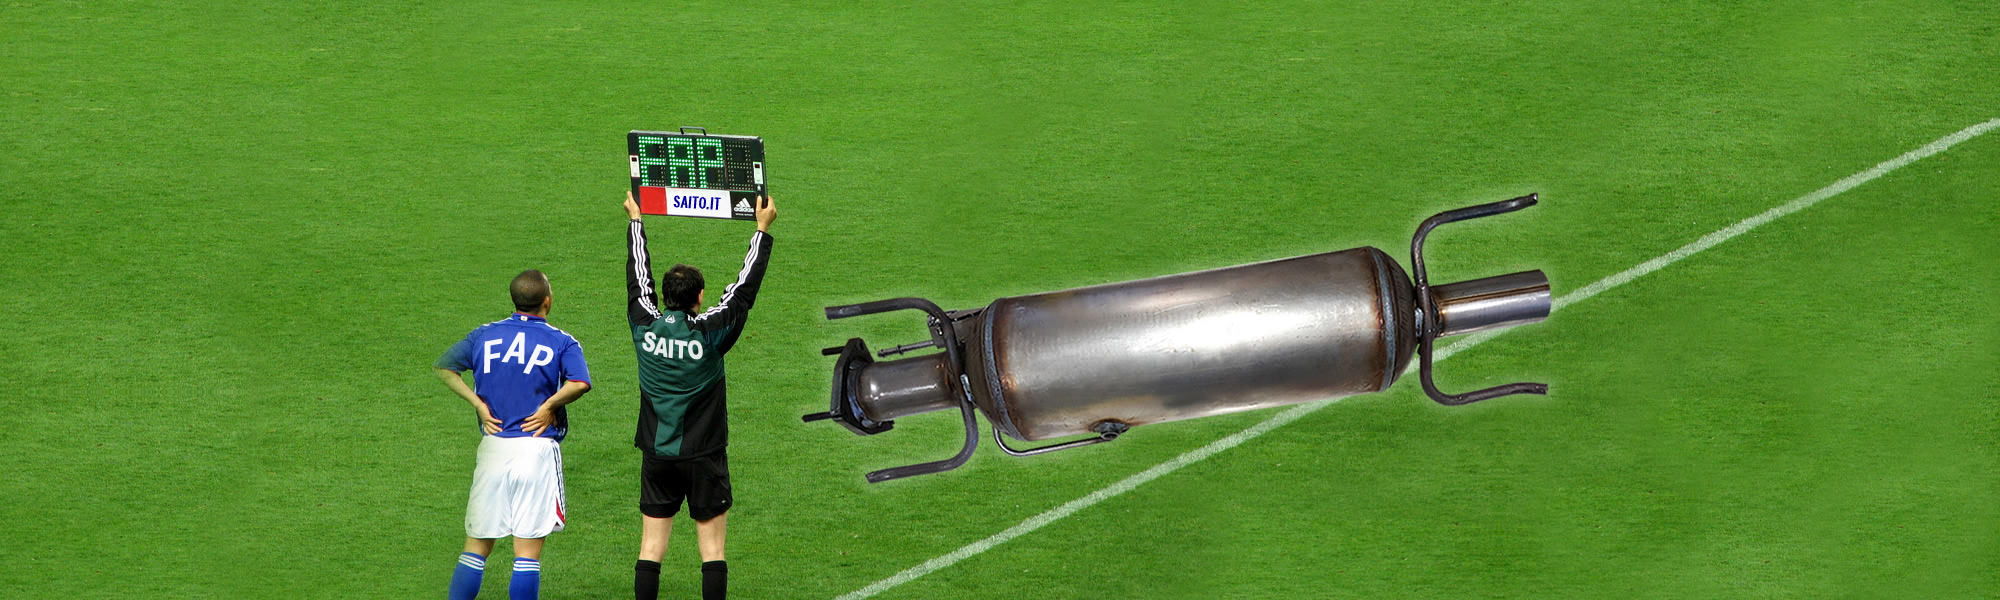 Cambia il FAP o il CATALIZZATORE per giocare in difesa del tuo turbo! | SAITO